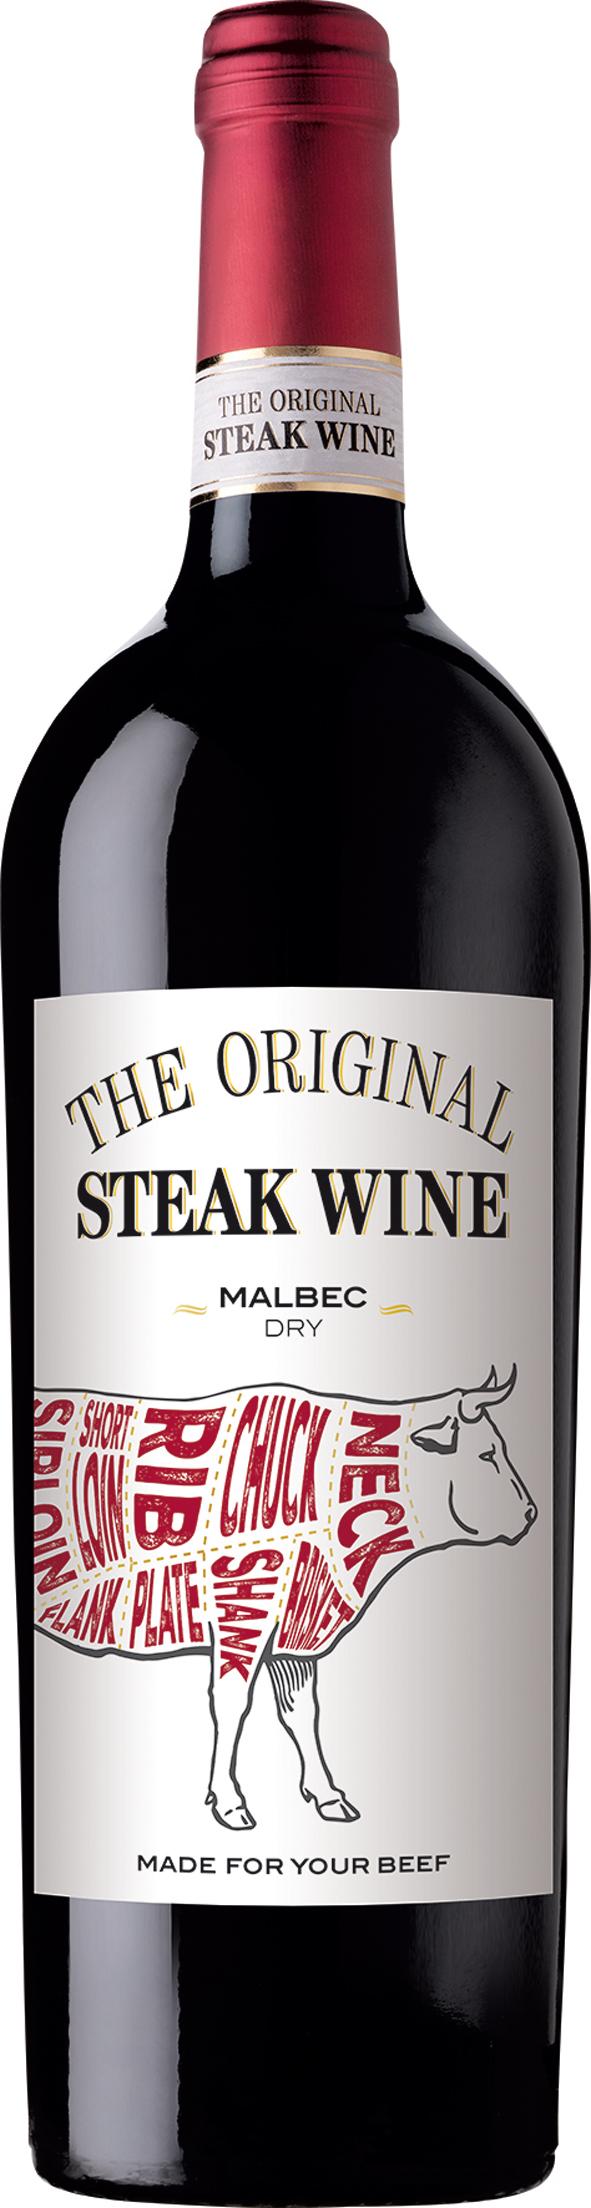 The Original Steak Wine Malbec - 13% - CHILENSK RØDVIN - VIN MED MERE .DK